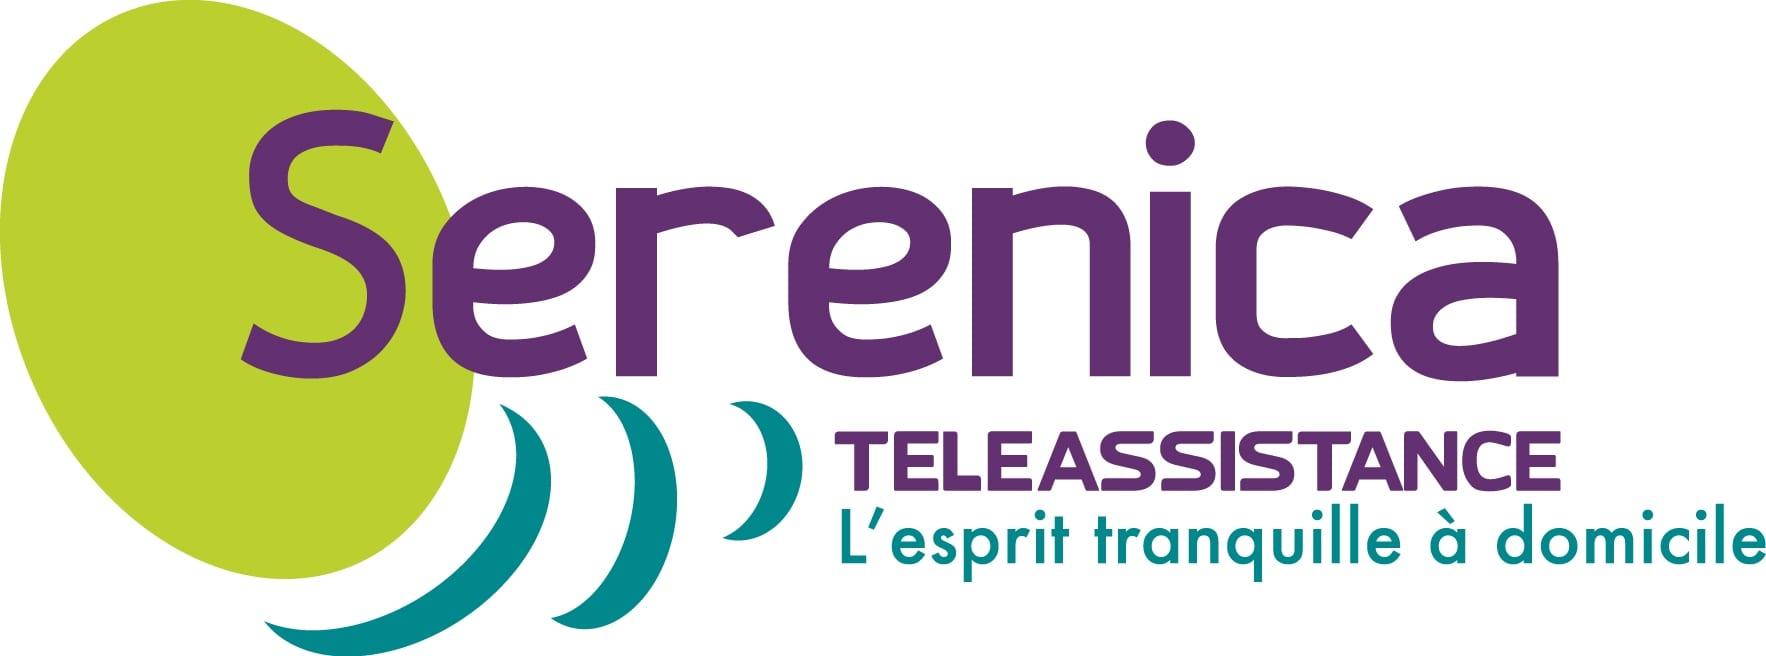 Logo Serenica